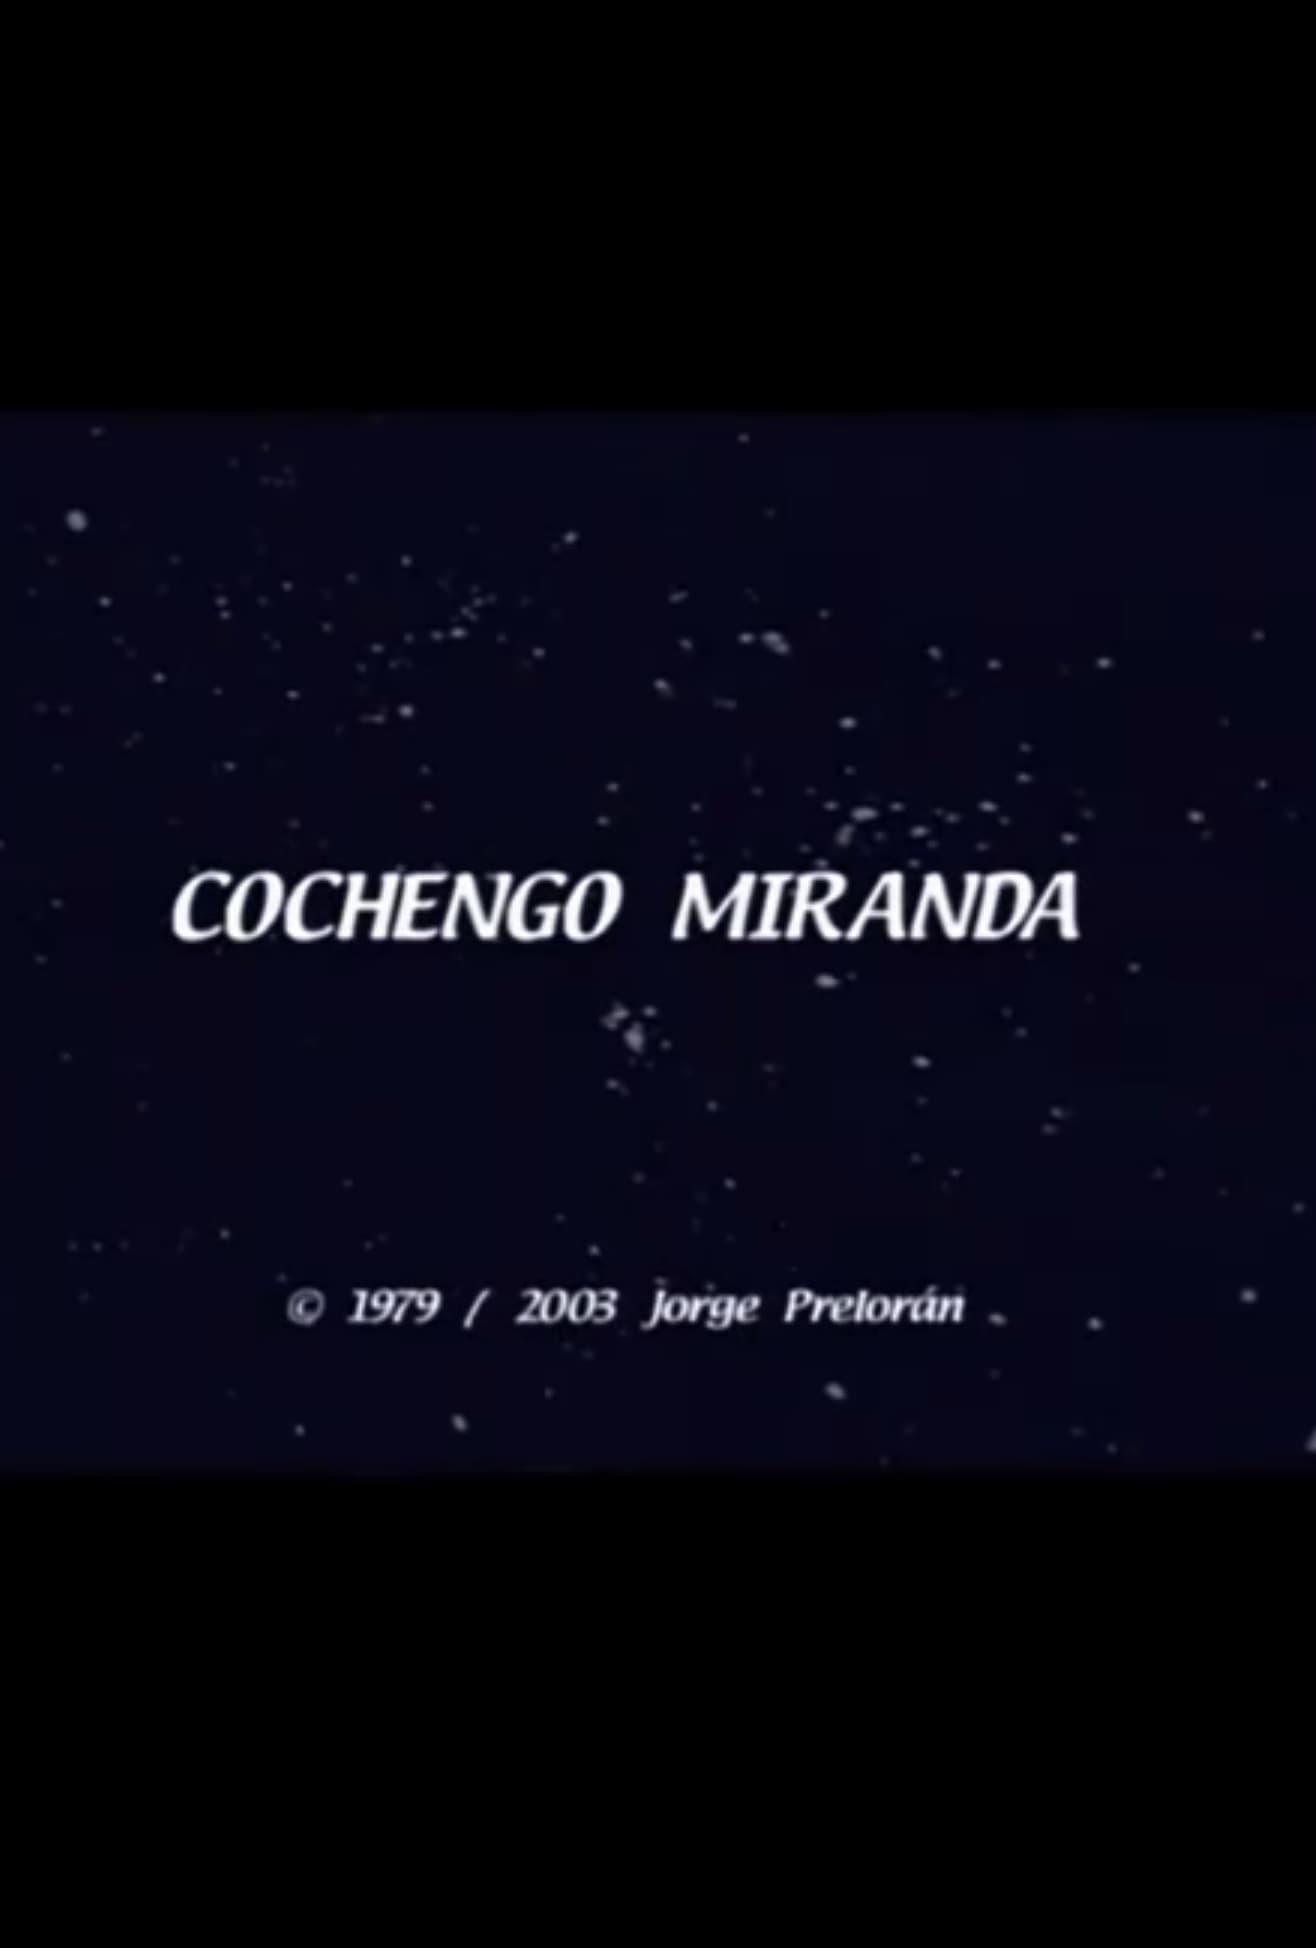 Cochengo Miranda (1975)